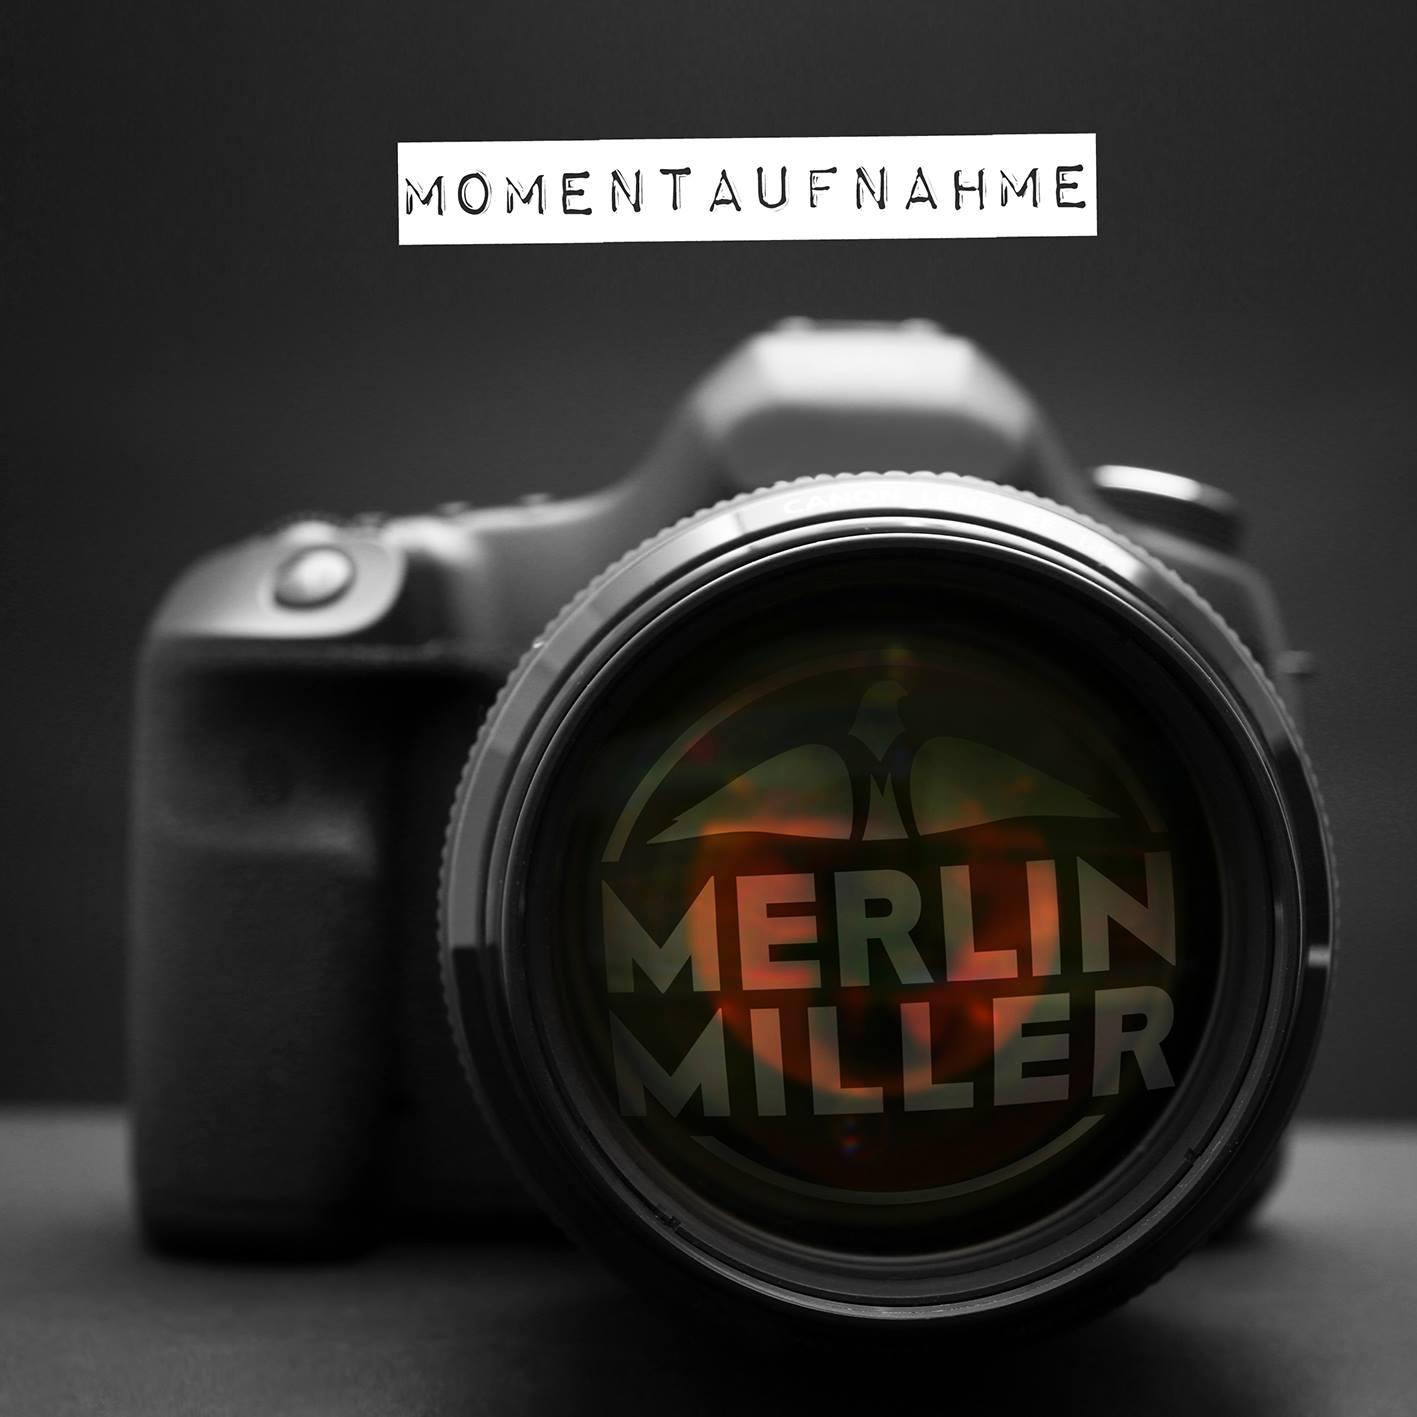 Merlin Miller - Momentaufnahme